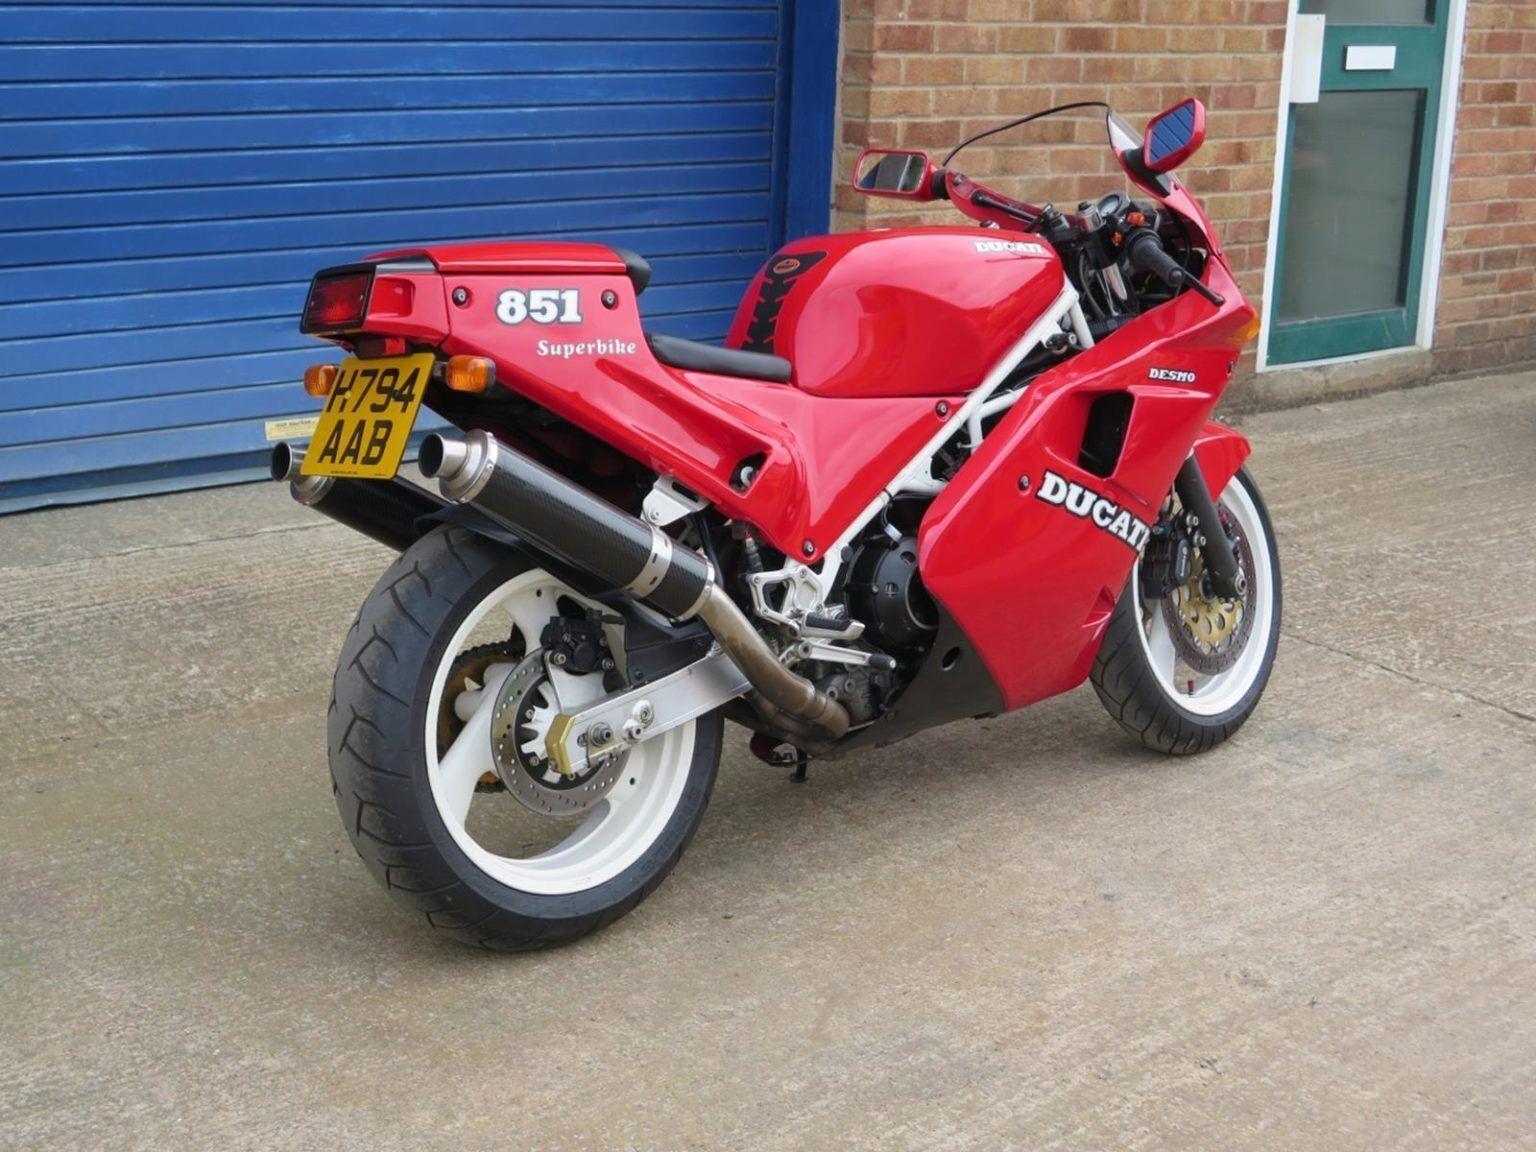 Ducati 851 зберігся в гарному стані.